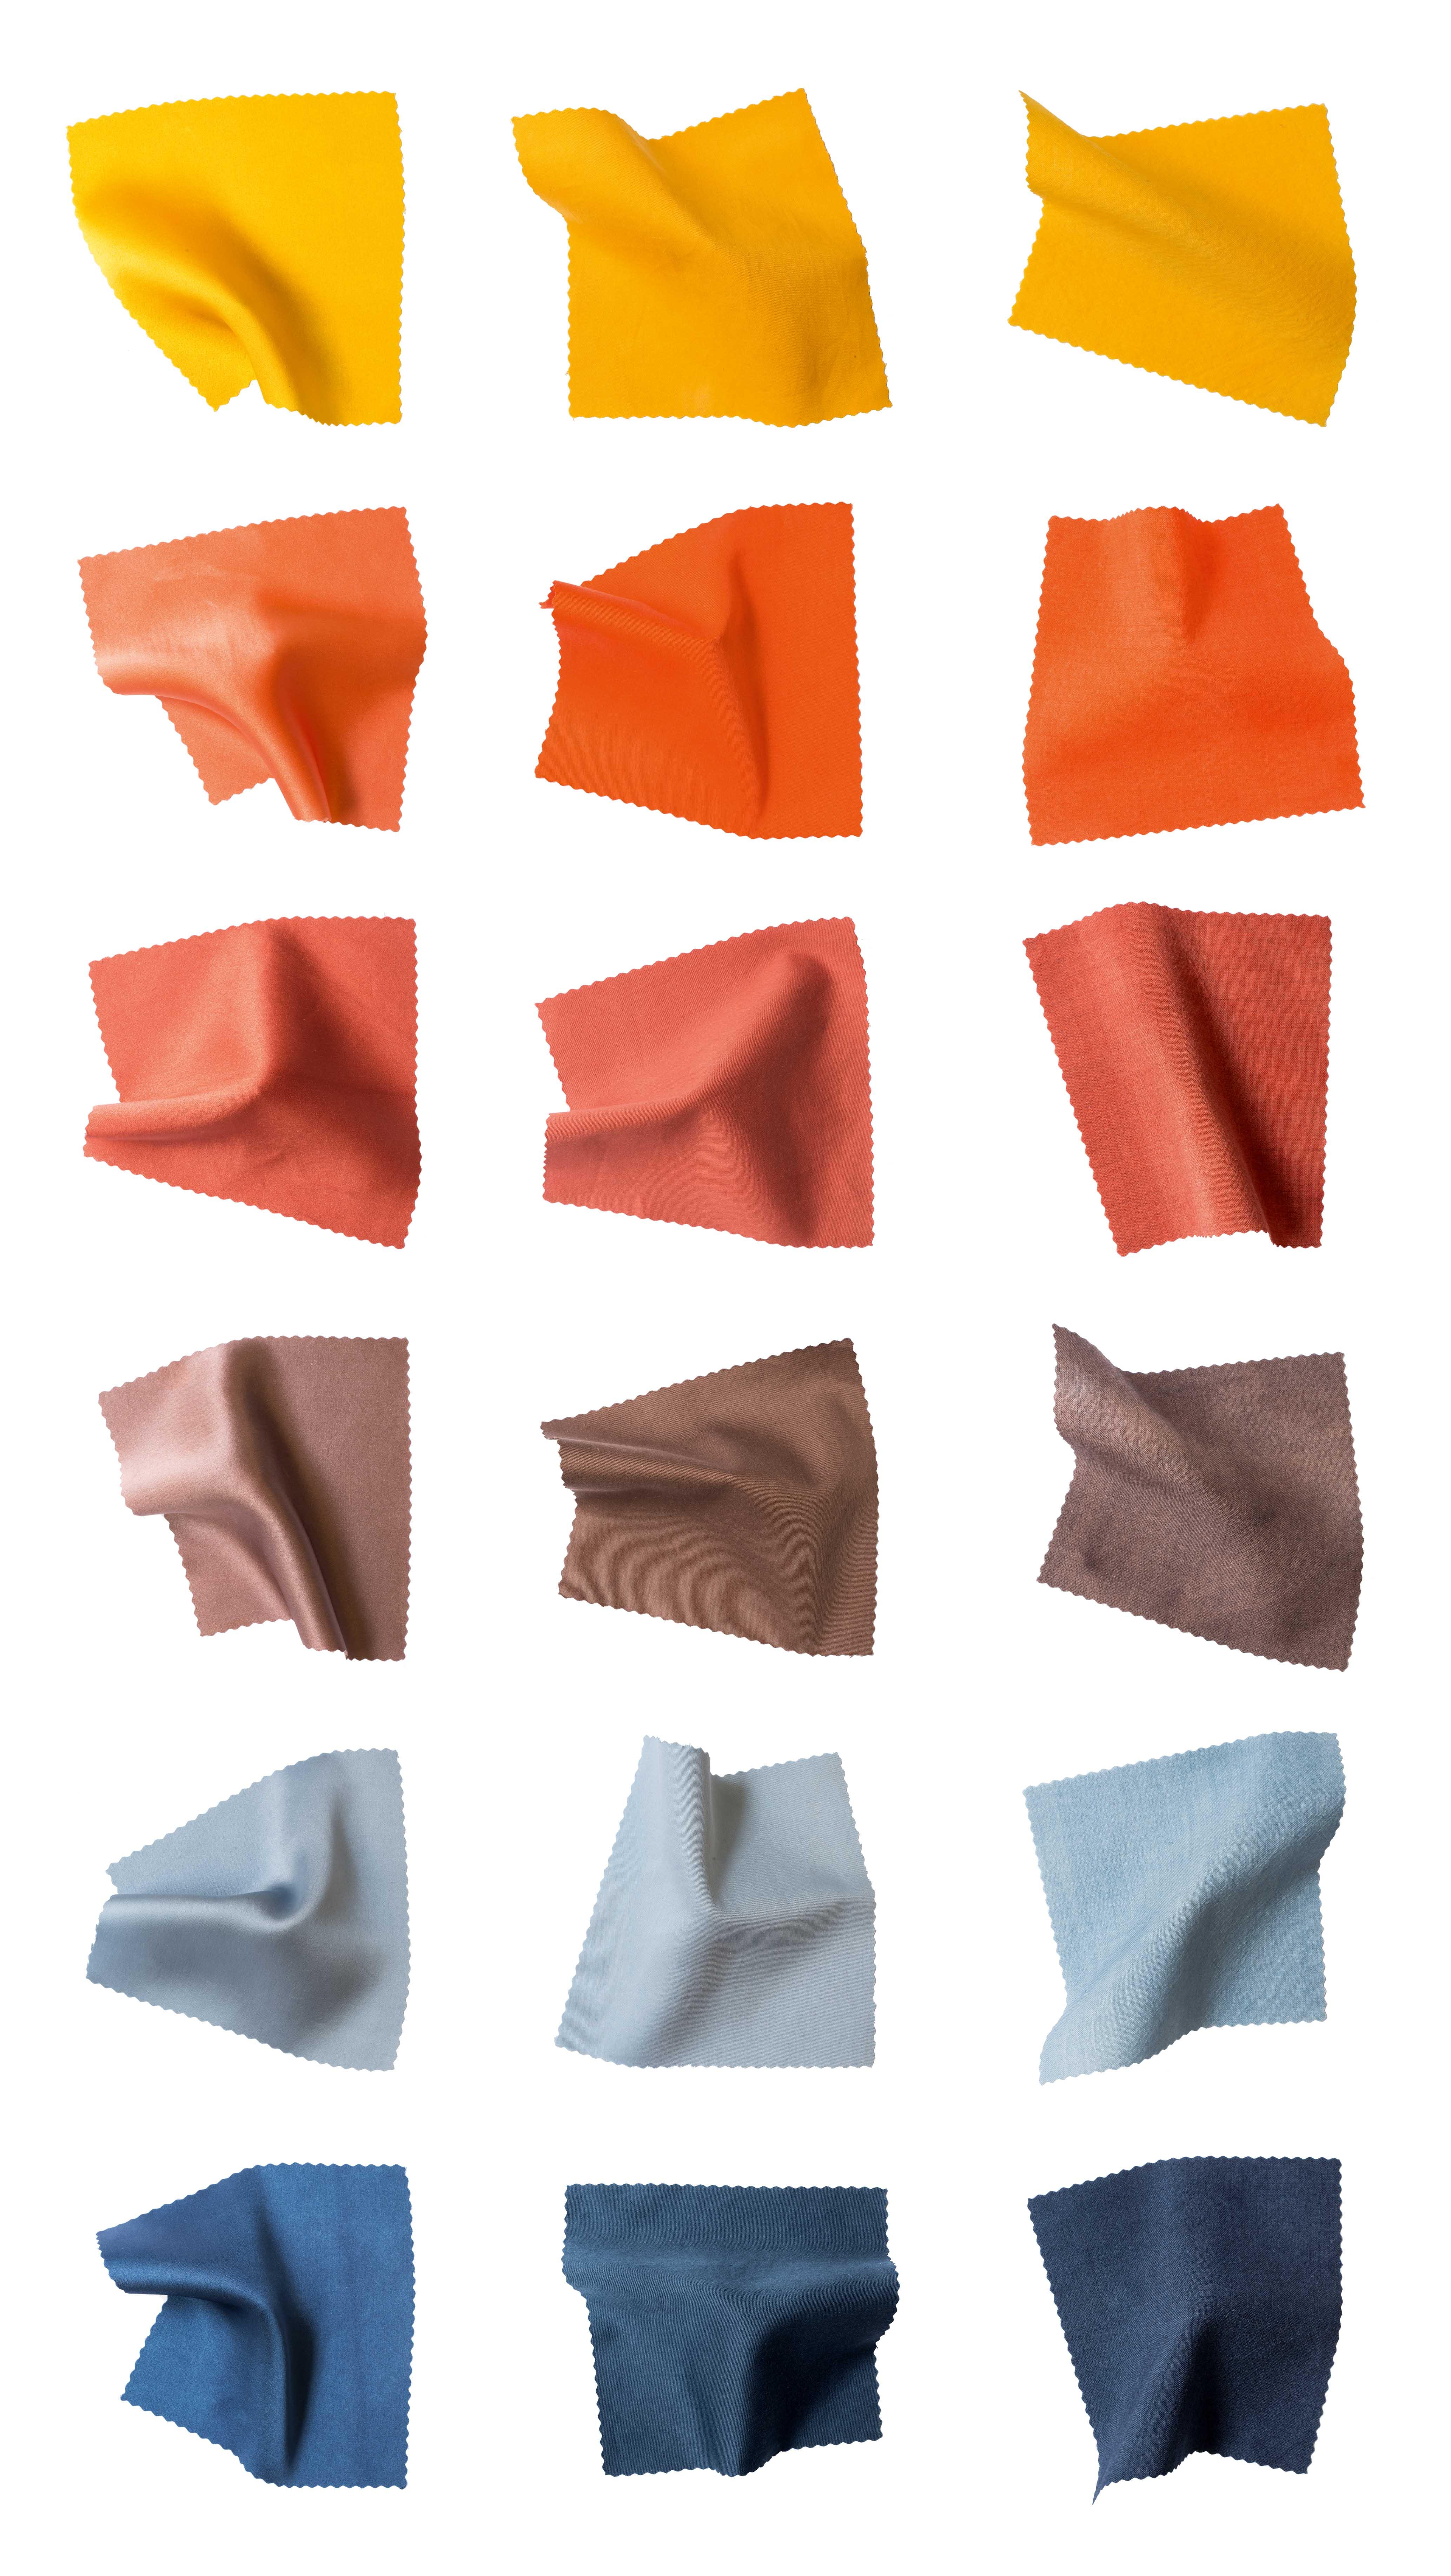 Privat: Colorcontex – Zusammenhänge zwischen Farbe und textilem Material